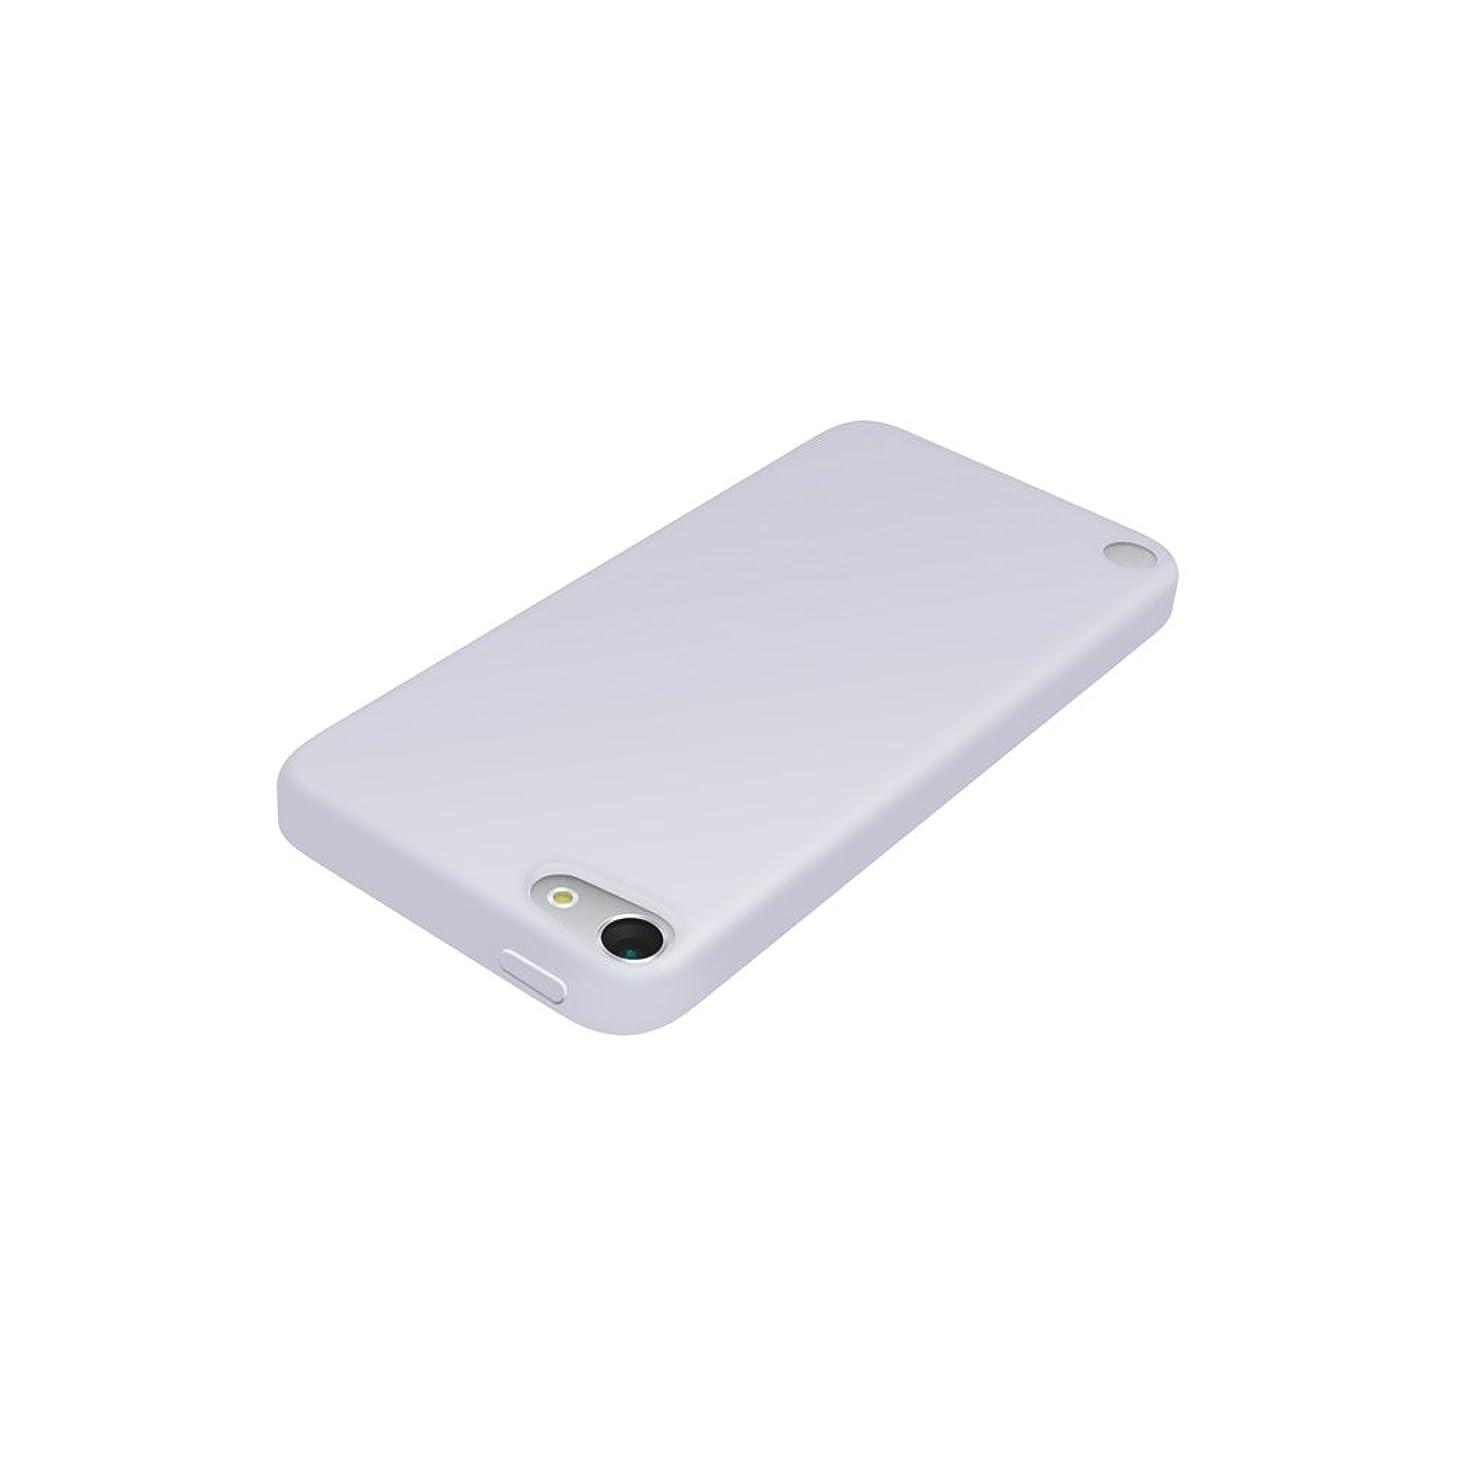 警官踊り子乙女iBUFFALO iPod touch(2012年発表モデル)専用 シリコンケース 液晶保護フィルム付 クリア BSIP12TCSCR